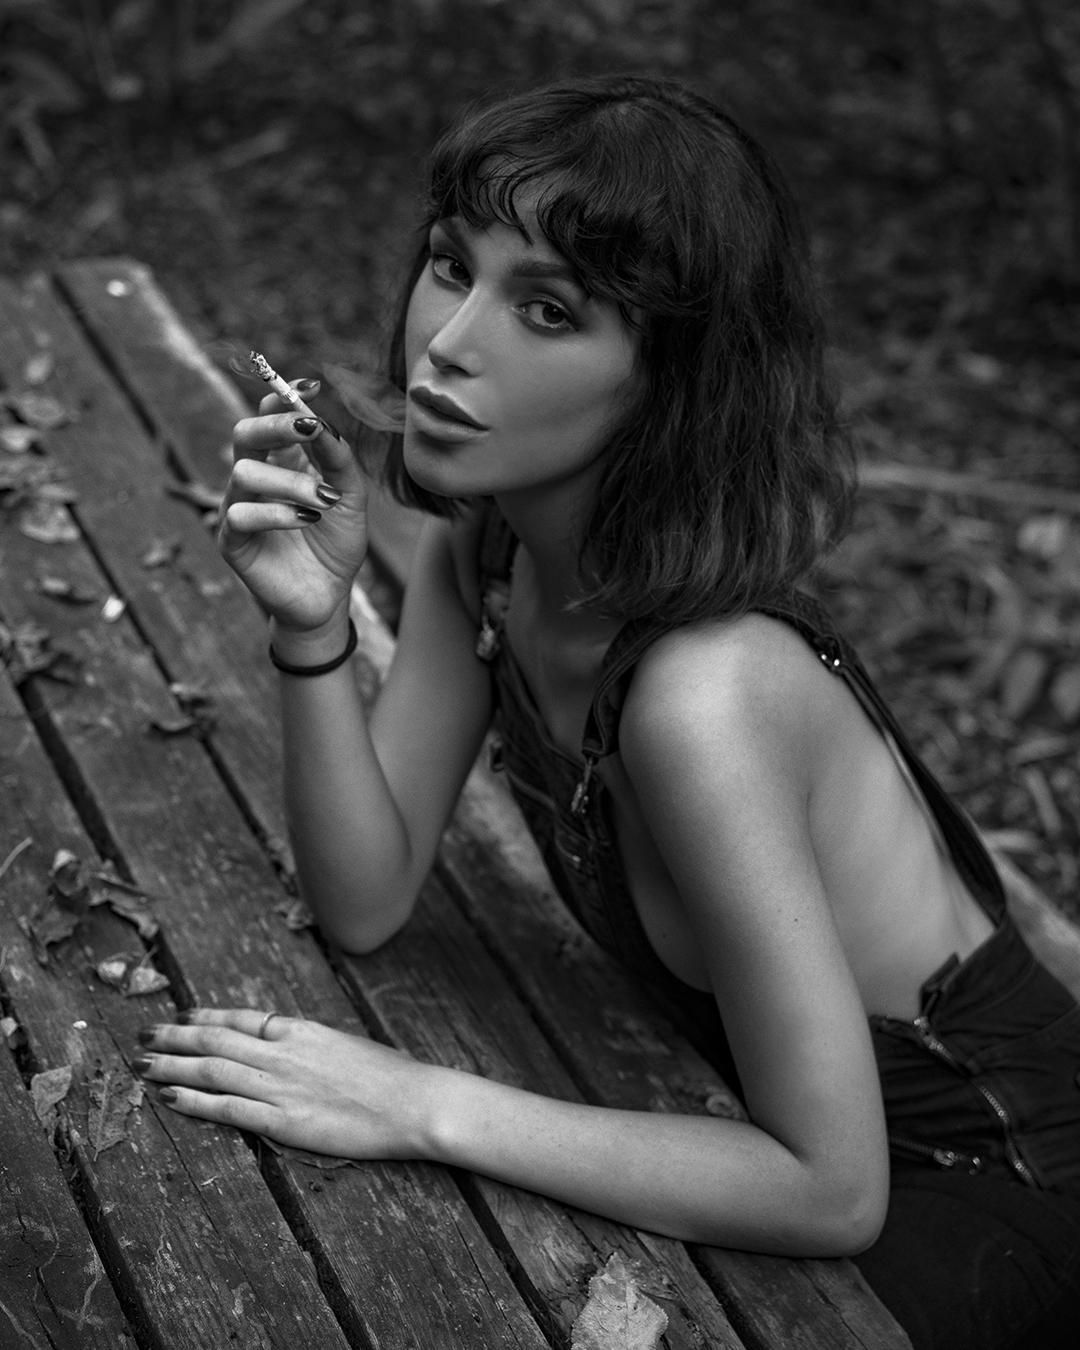 Categorie: Glamour, Landscape & Nature, Portrait - Photographer: ANDREA ALVARO - Model: ILARIA BUCCIANTI - Location: Barbarano Romano, VT, Italia